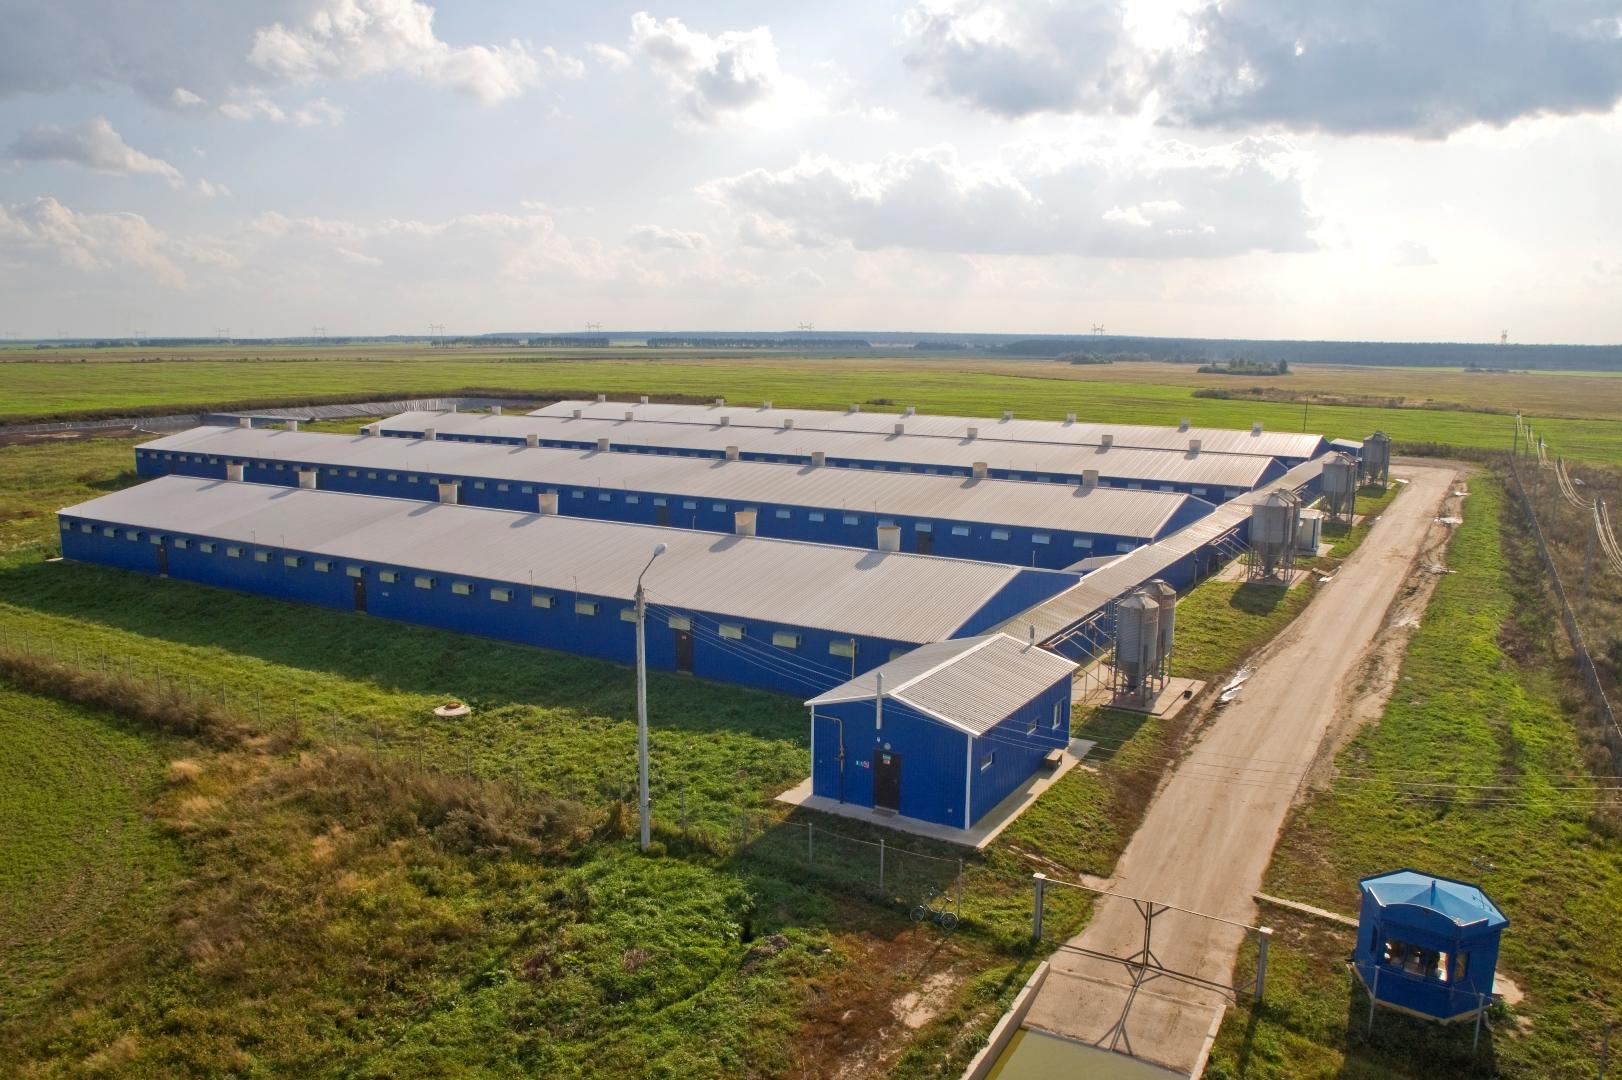 Прикамские власти предлагают федеральным агрохолдингам сотрудничество